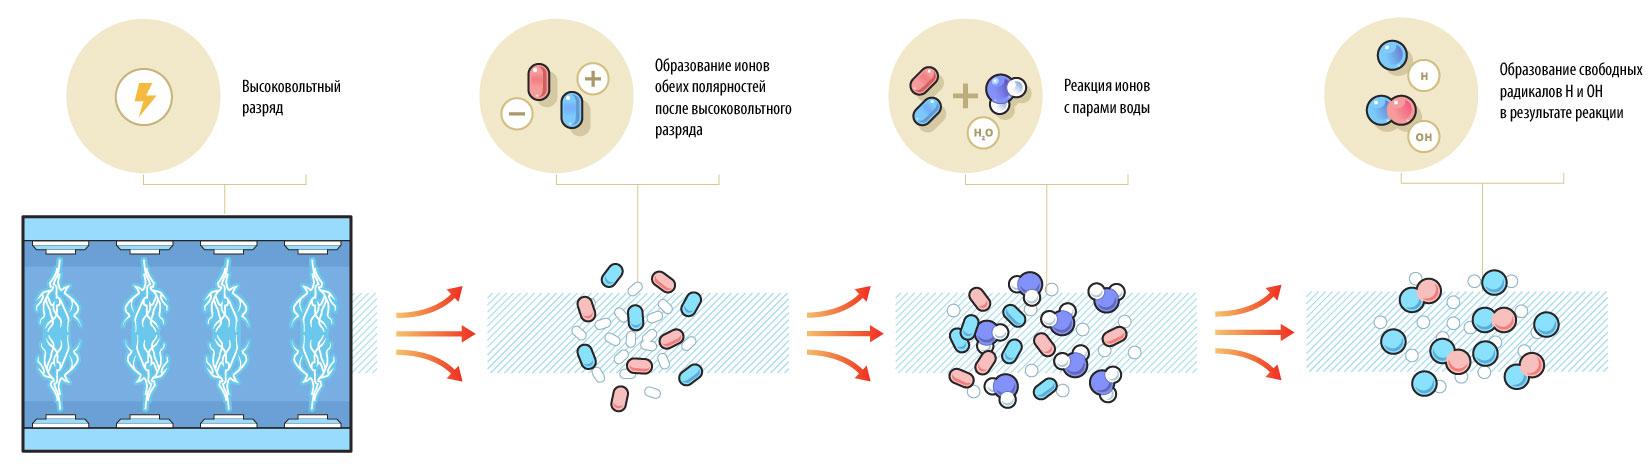 Иллюстрация показывающая принцип работы очистителя воздуха фото f_4355f646dab6f1cb.jpg